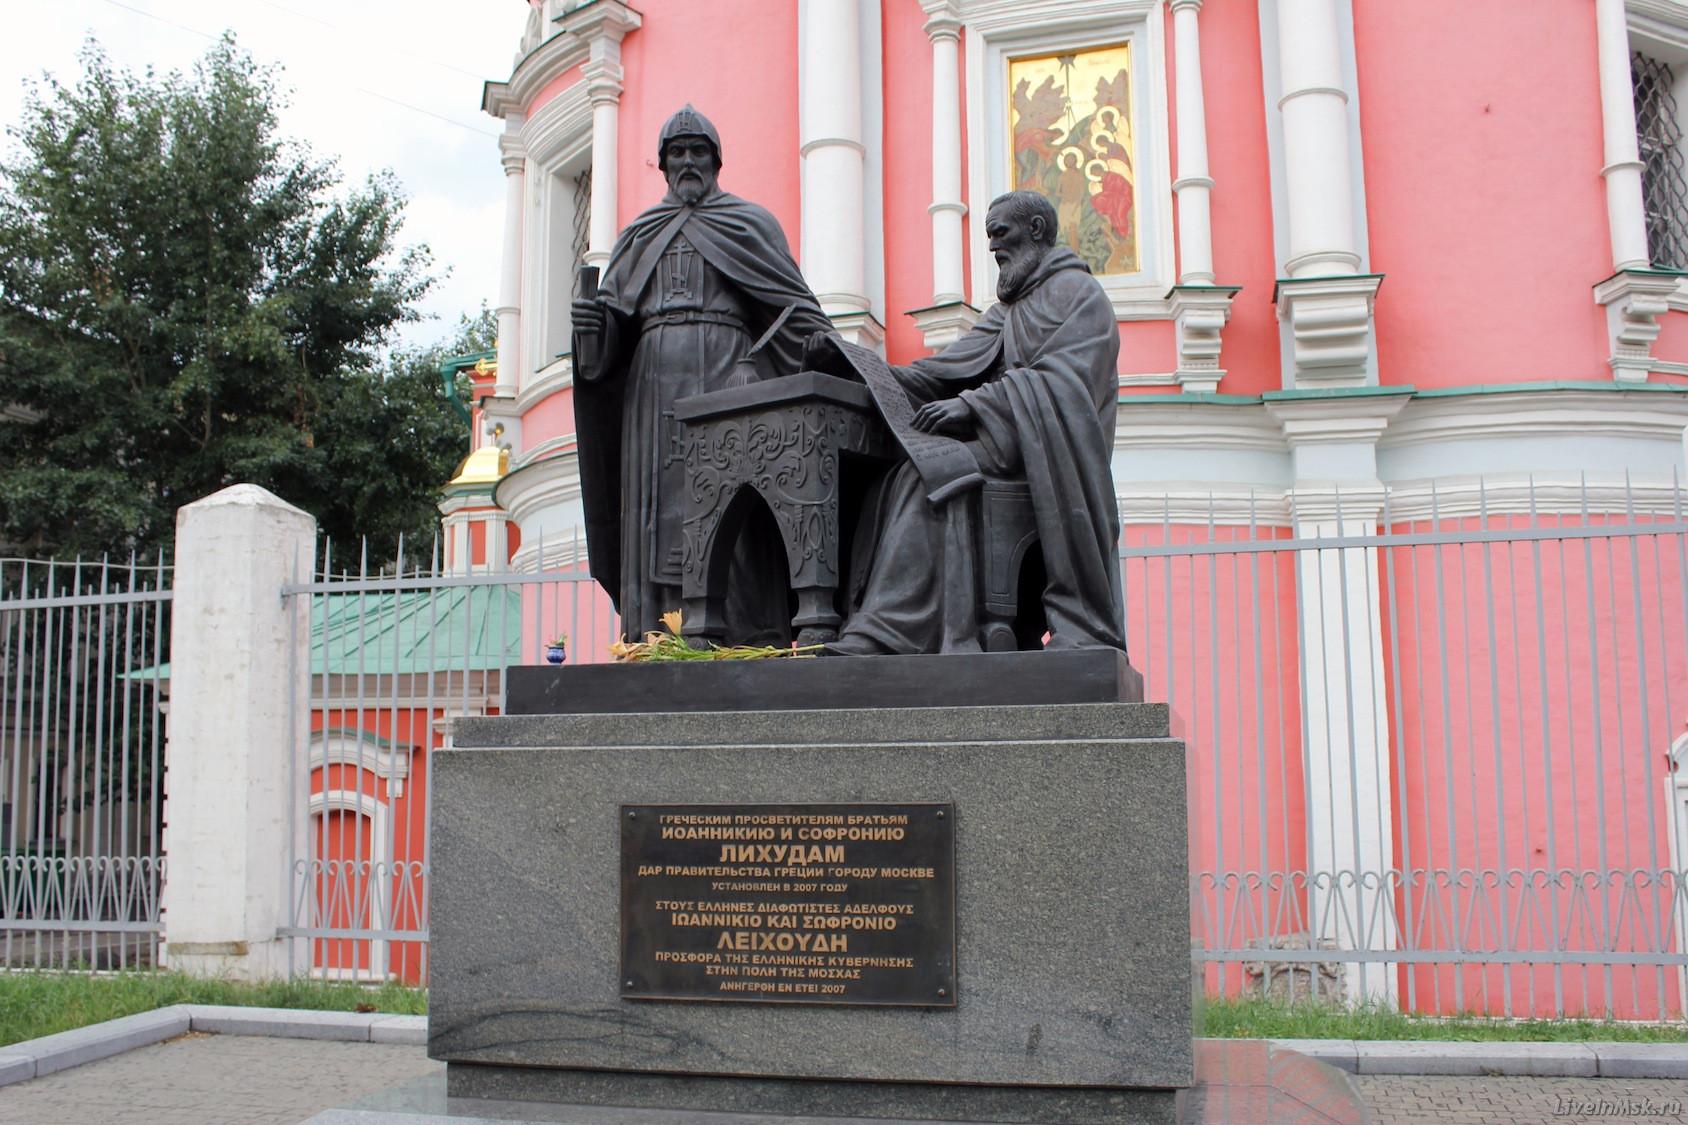 Памятник братьям Лихудам, фото 2015 года